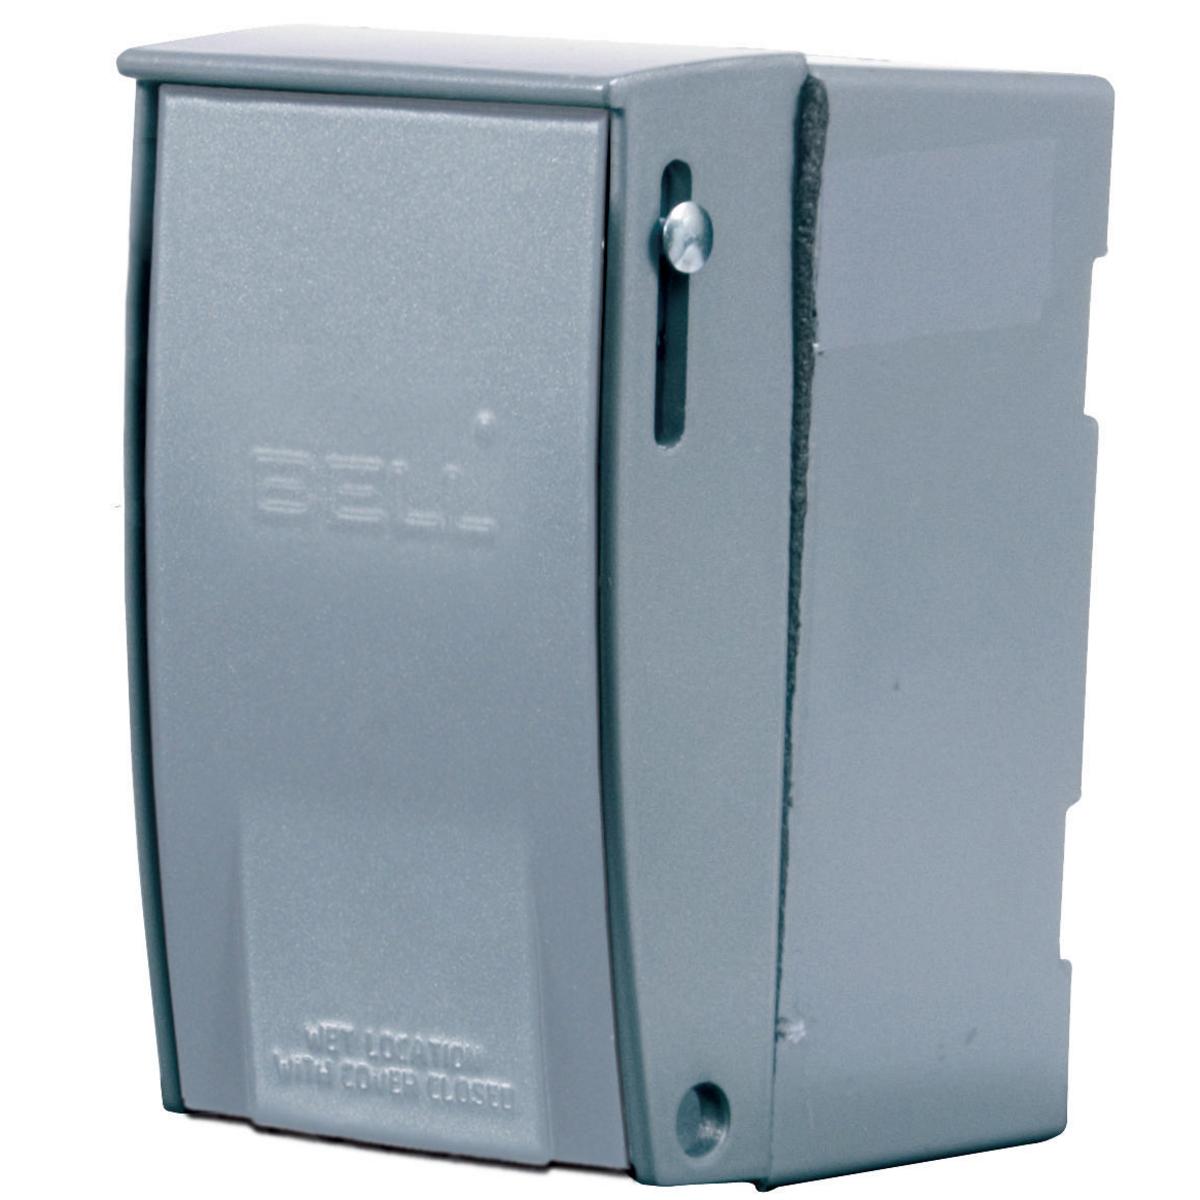 Hubbell HBL13R13D 30 Amp 600 VAC 3-Pole NEMA 3/3R Aluminum Disconnect Switch Enclosure